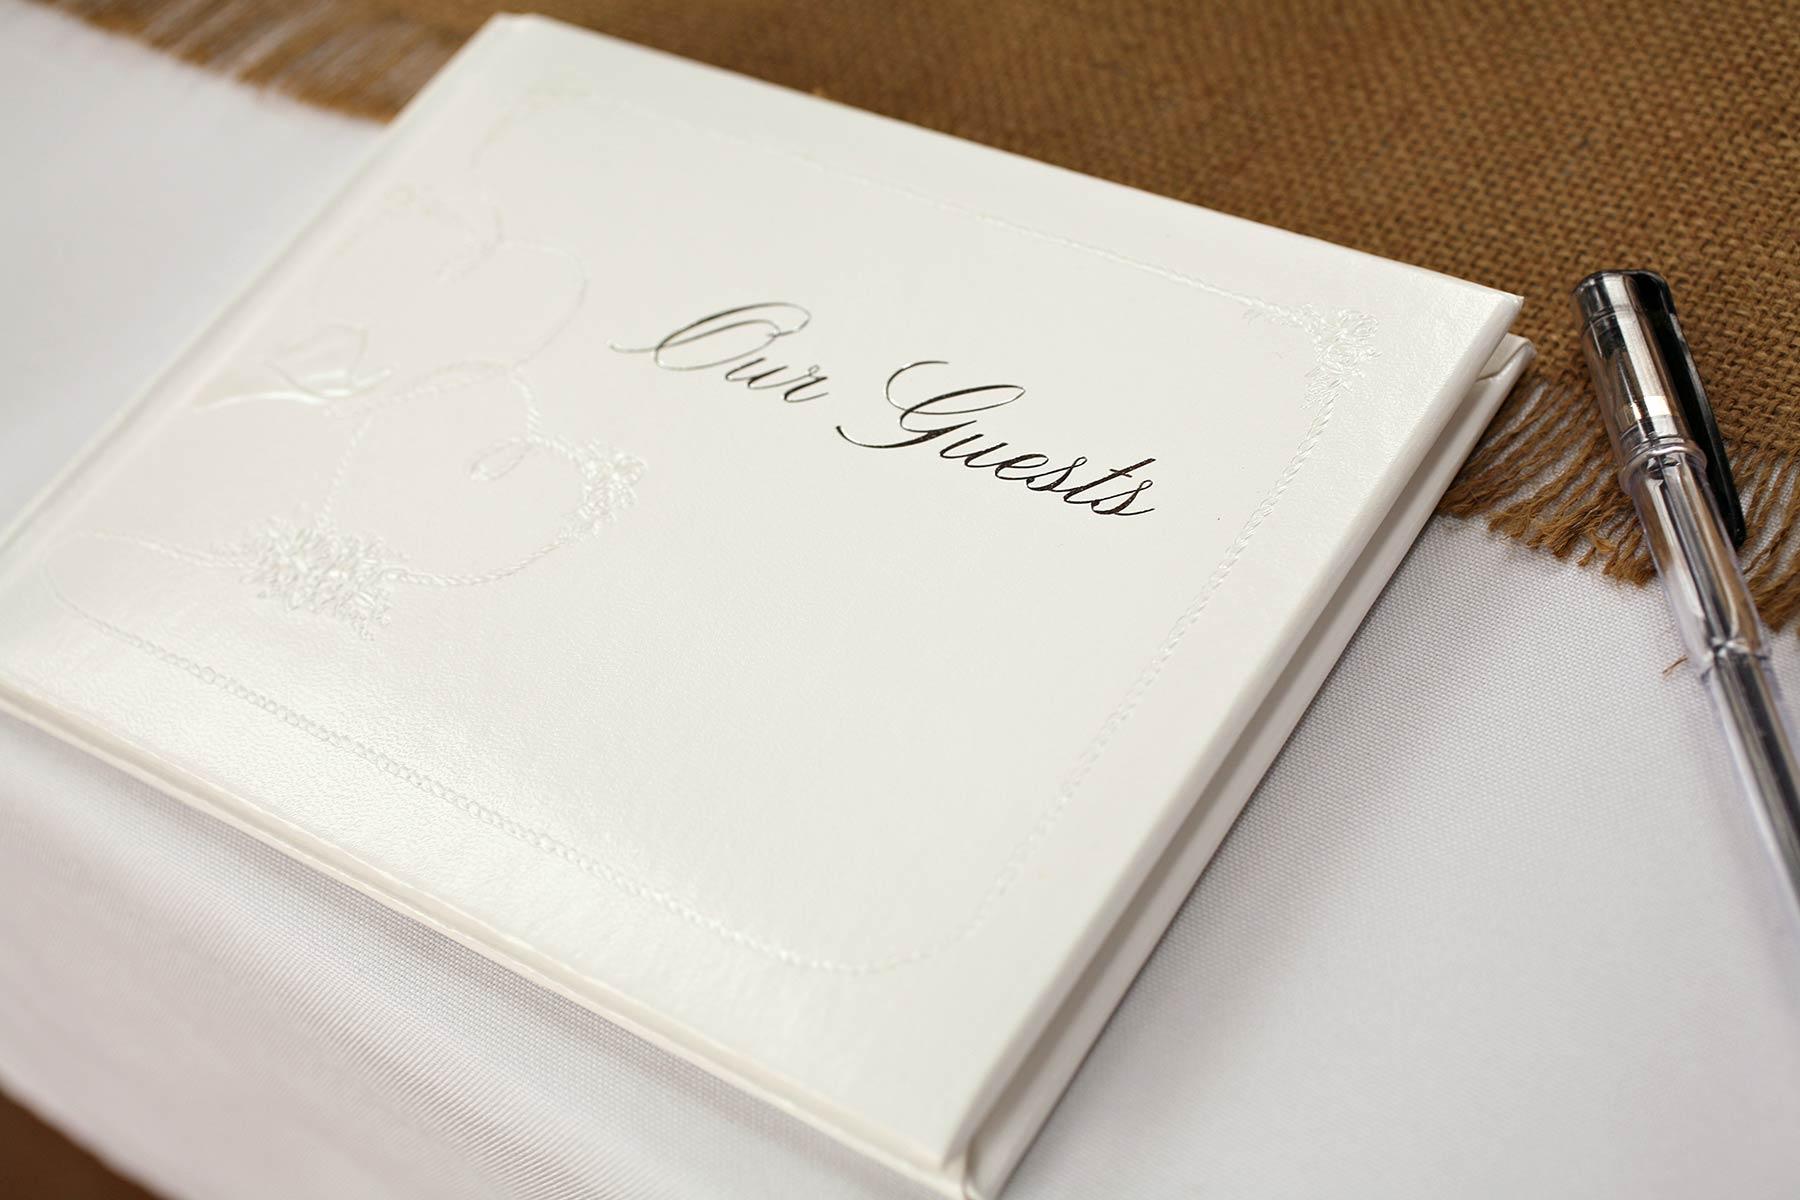 Gästebuch gestalten erste seite